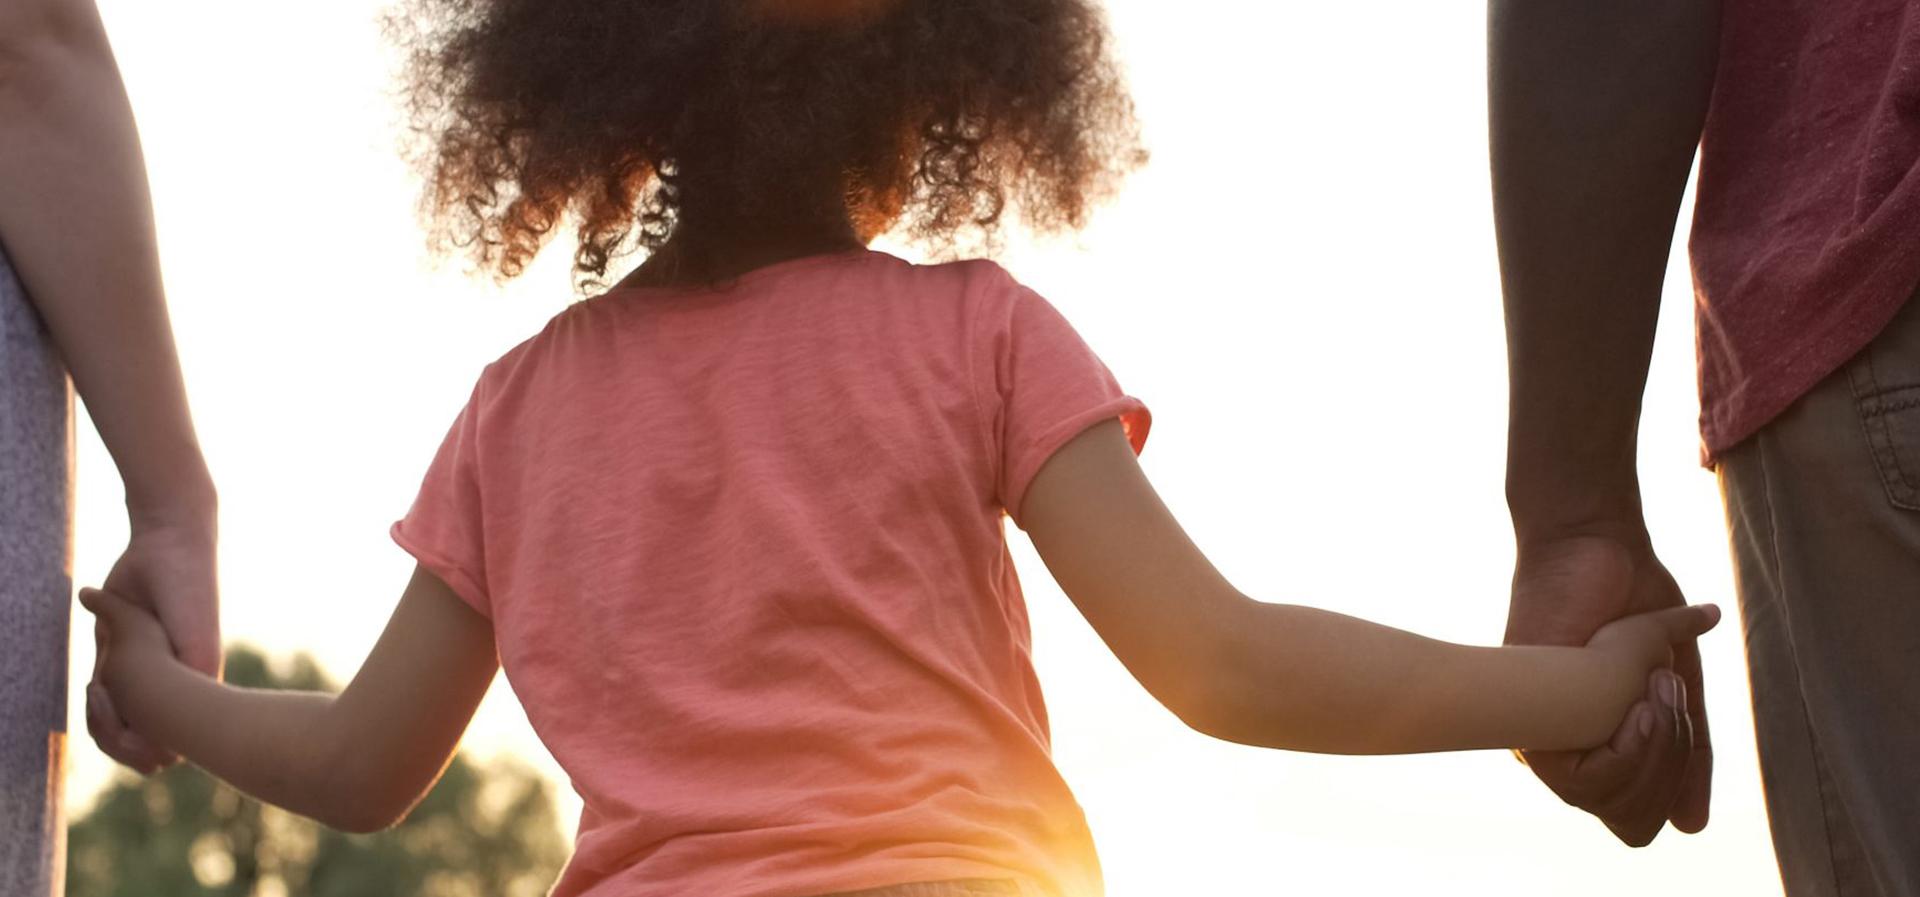 Programa de Prevenção do Abuso Sexual e Construção de Ambientes Seguros para Crianças e Adolescentes